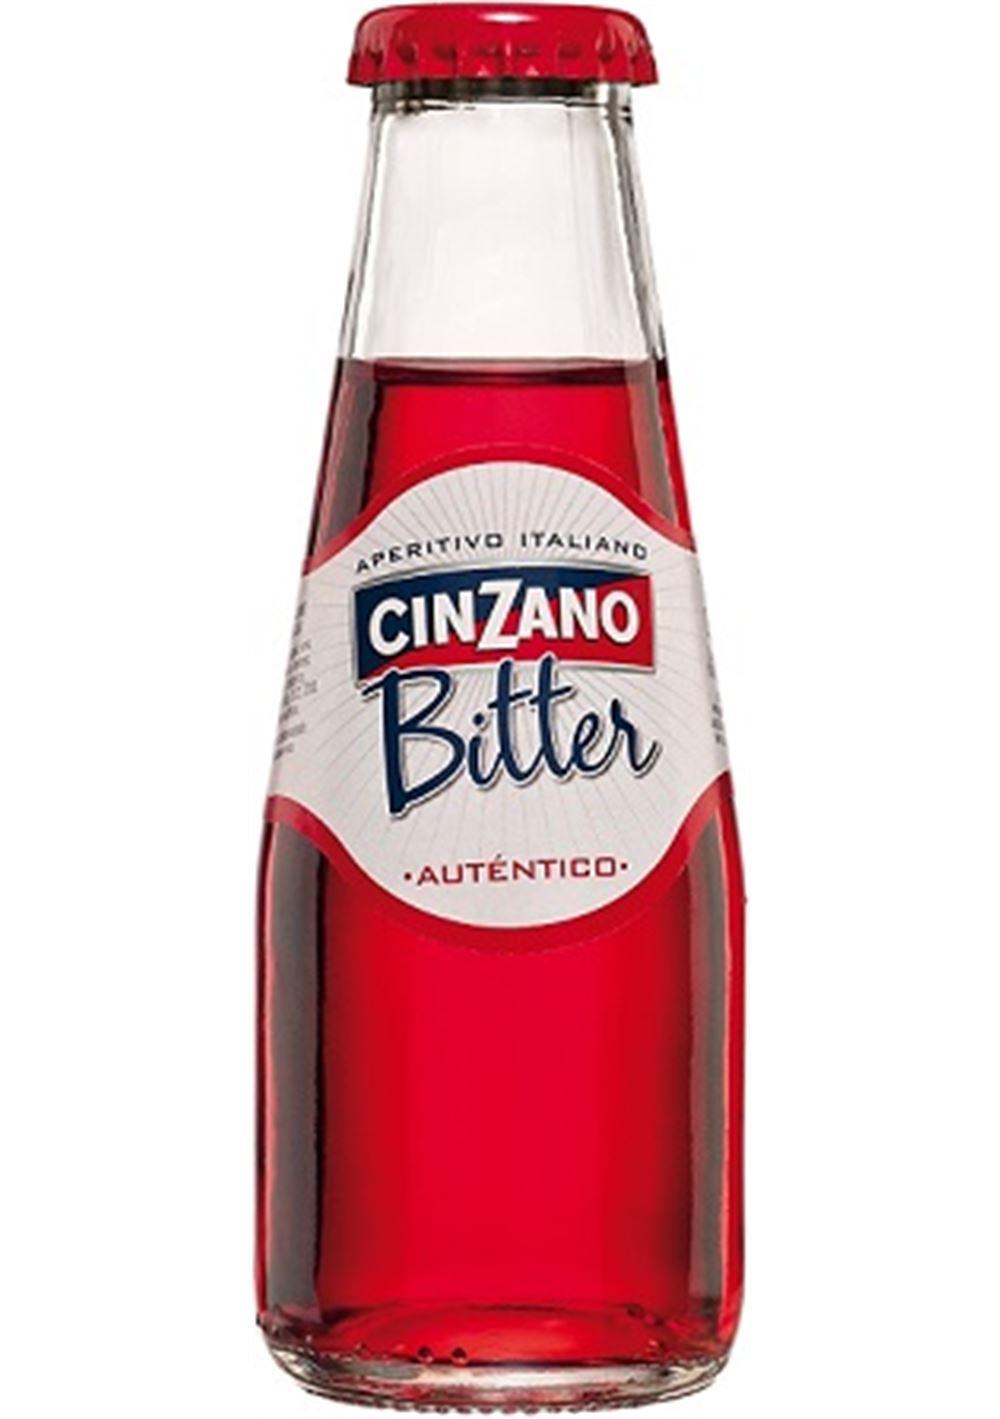 BITTER CINZANO